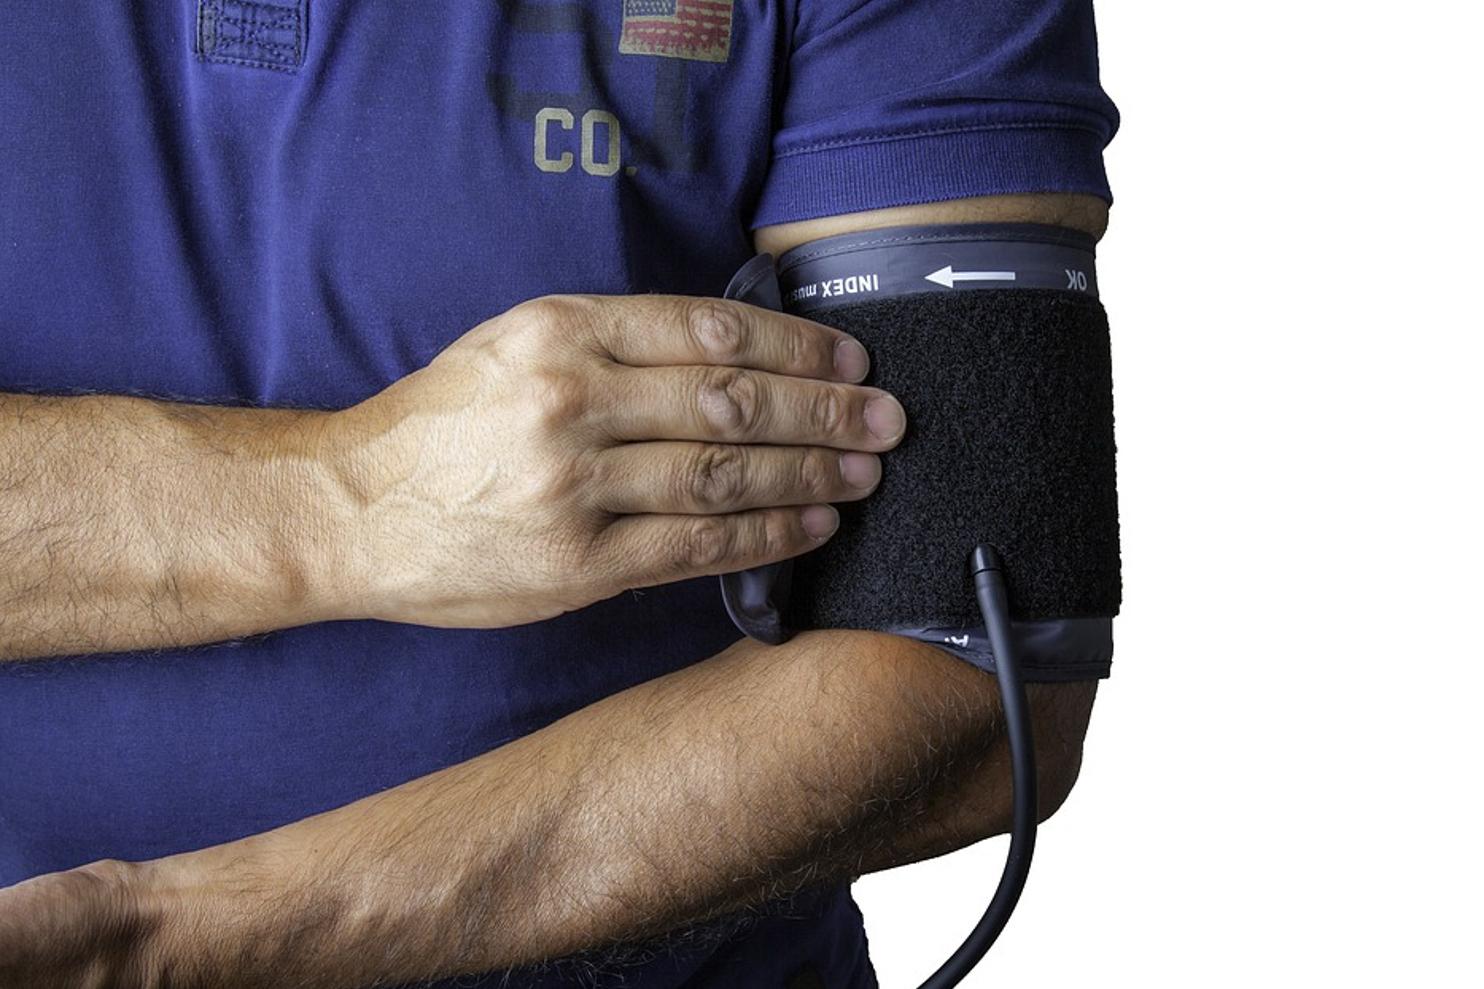 vénás hipertónia tünetei magas vérnyomás életmód és táplálkozás